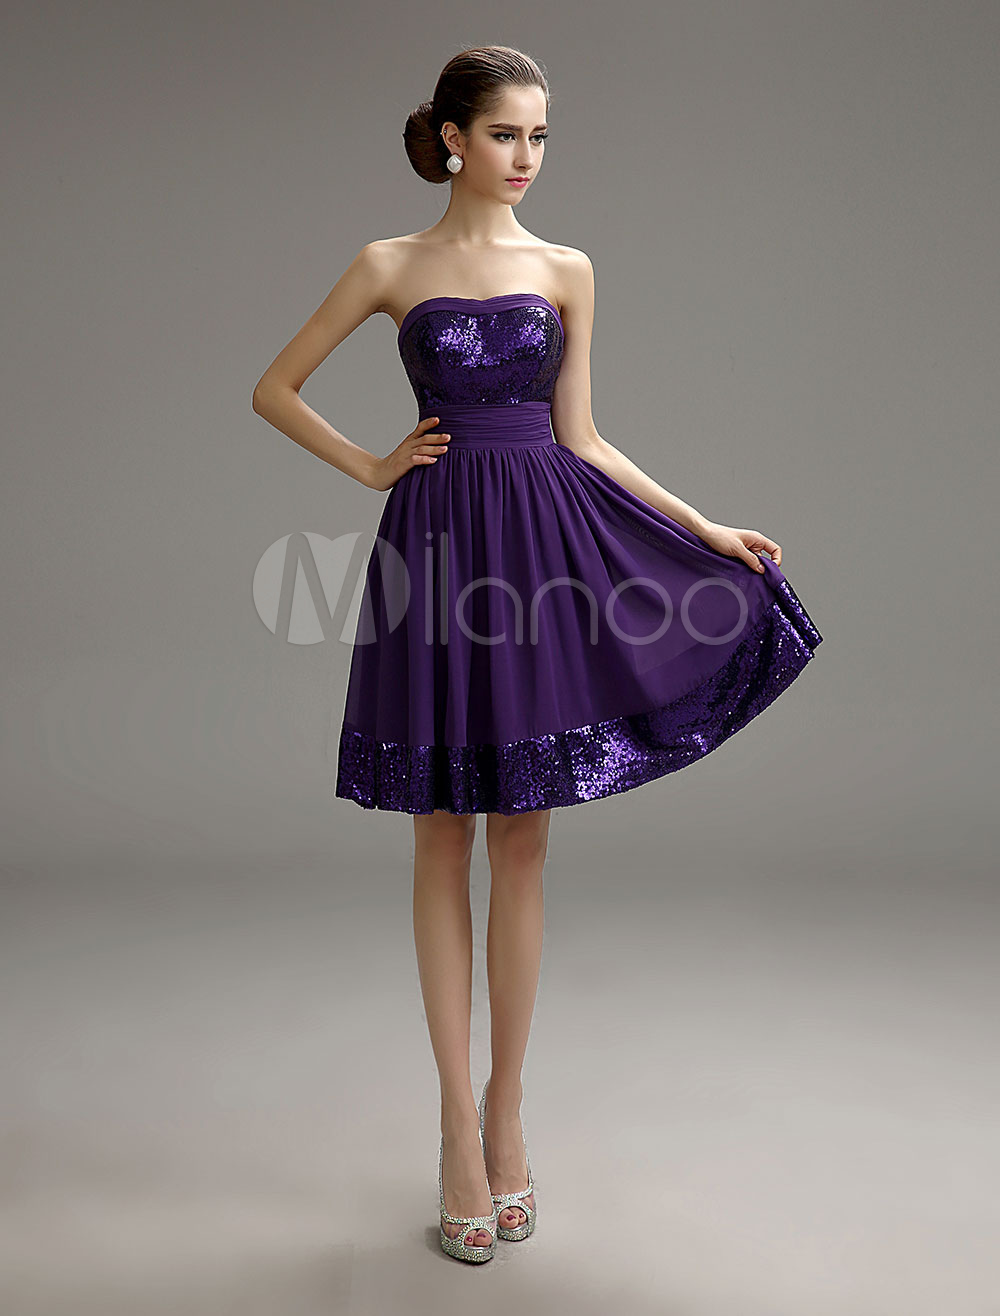 short ciffon dress